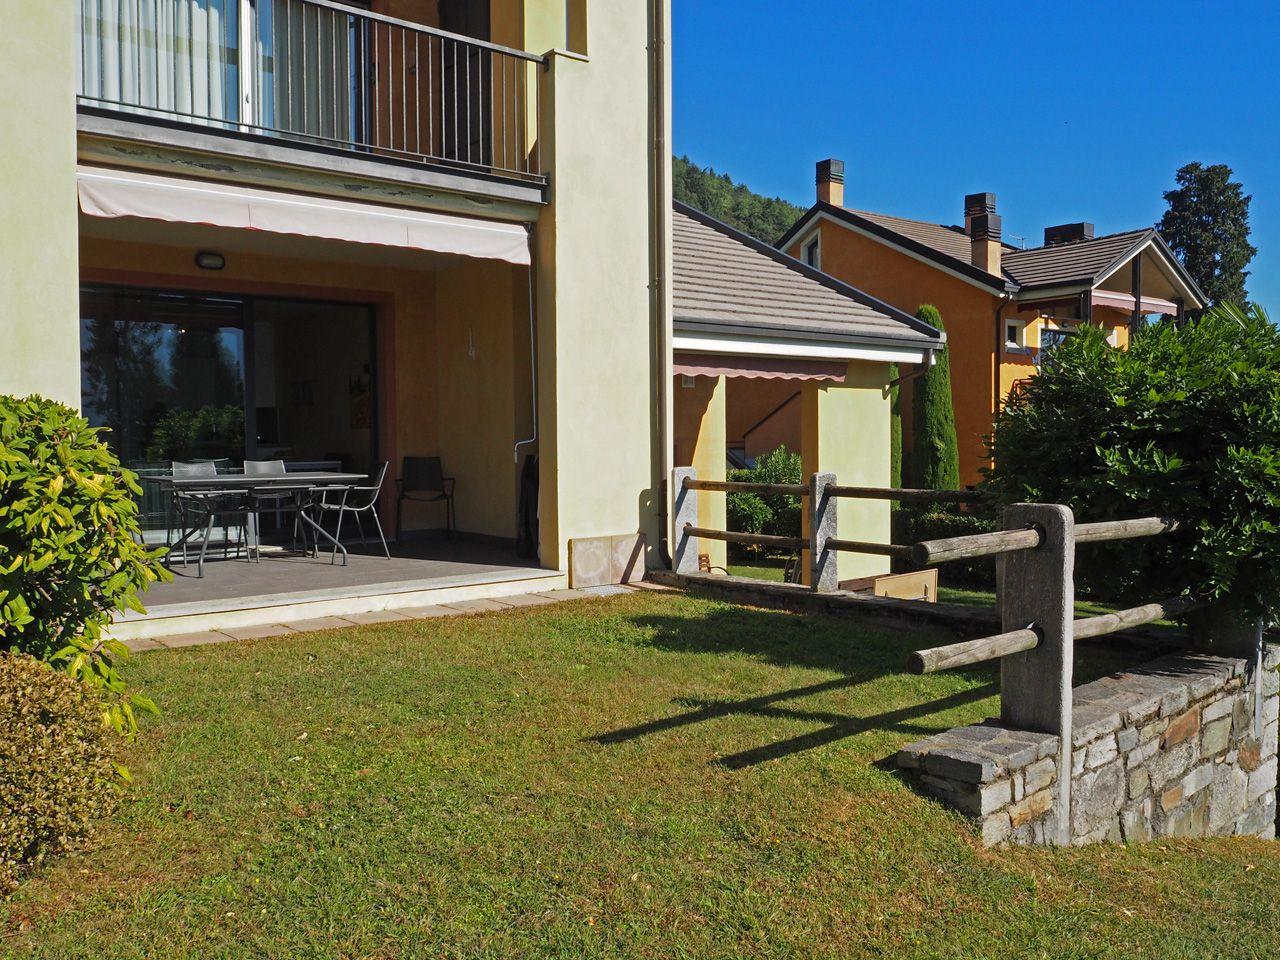 2 Zimmer Wohnung In Ghiffa Mit Seeblick Und Garage Aa2948